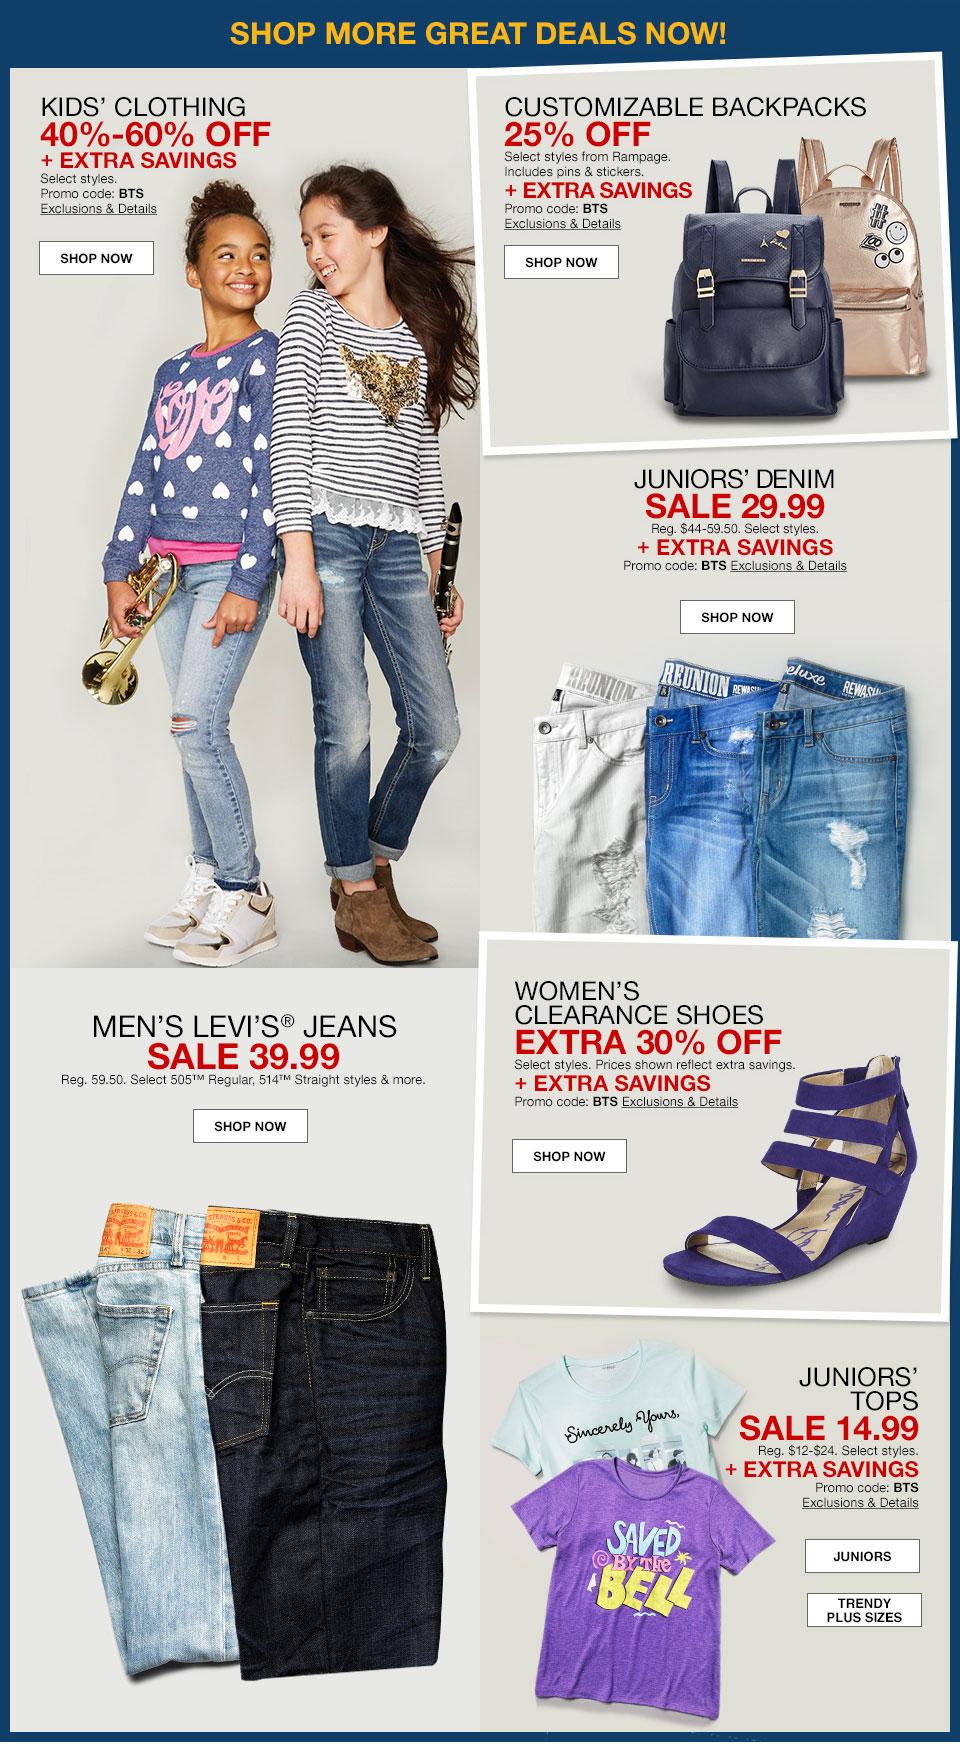 official site levis mens clothing on sale levis autos post